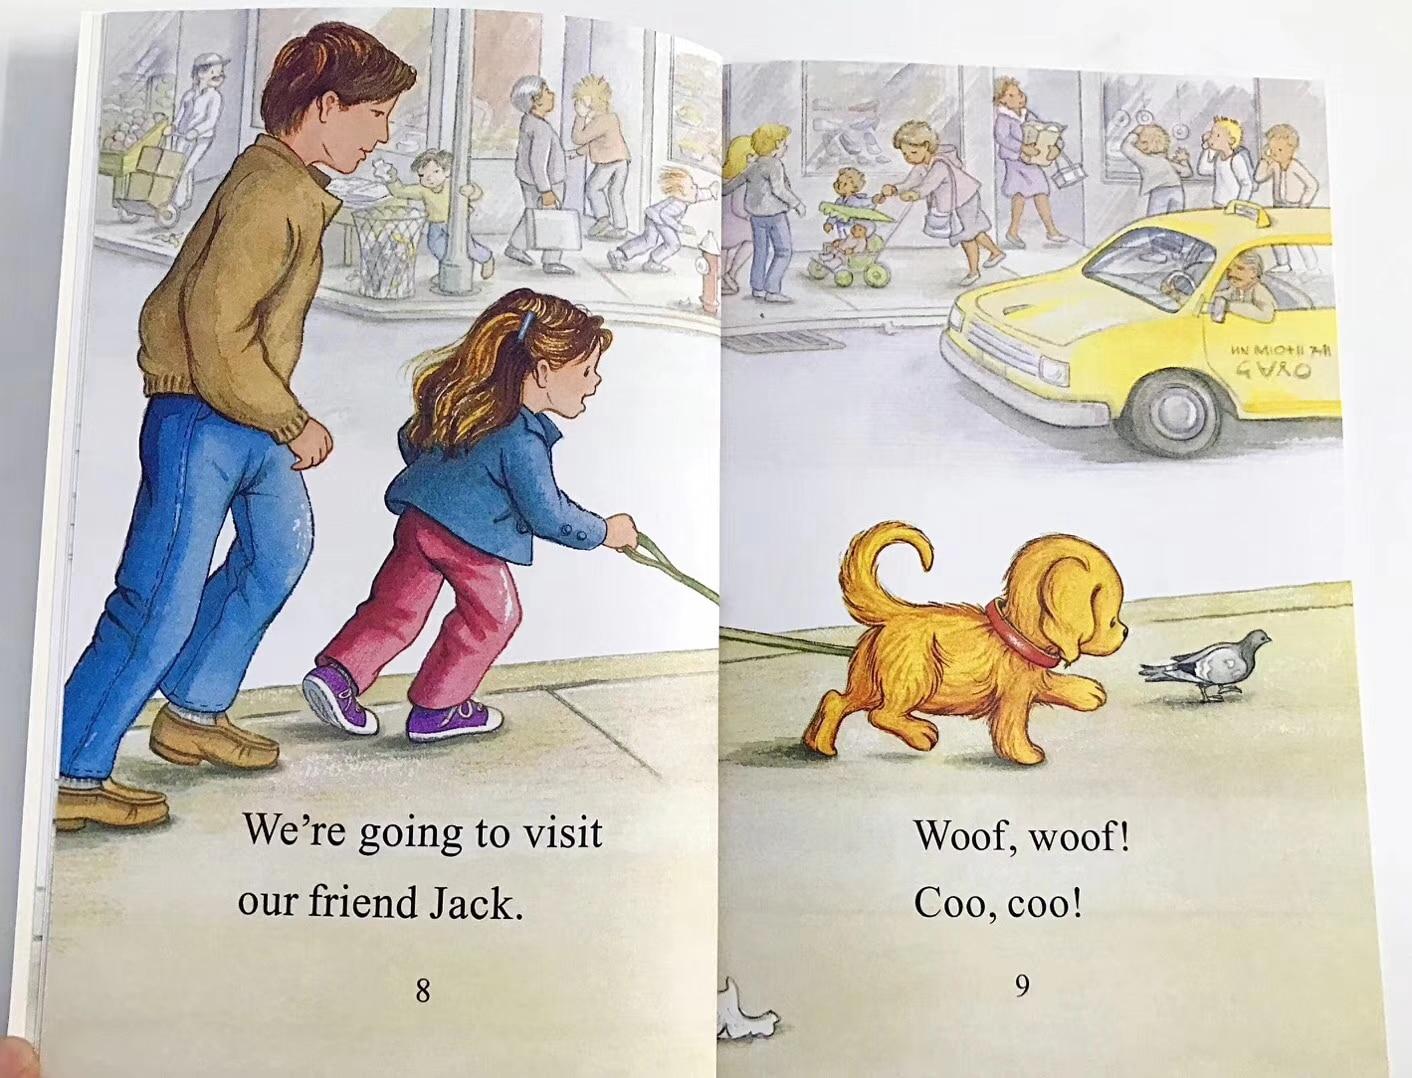 18 livres/Set + 2 pièces CD Biscuit Série D'images Anglais Livres Enfants Je Peux Lire Histoire Livre de Lecture Educaction pour Enfants Montessori - 5